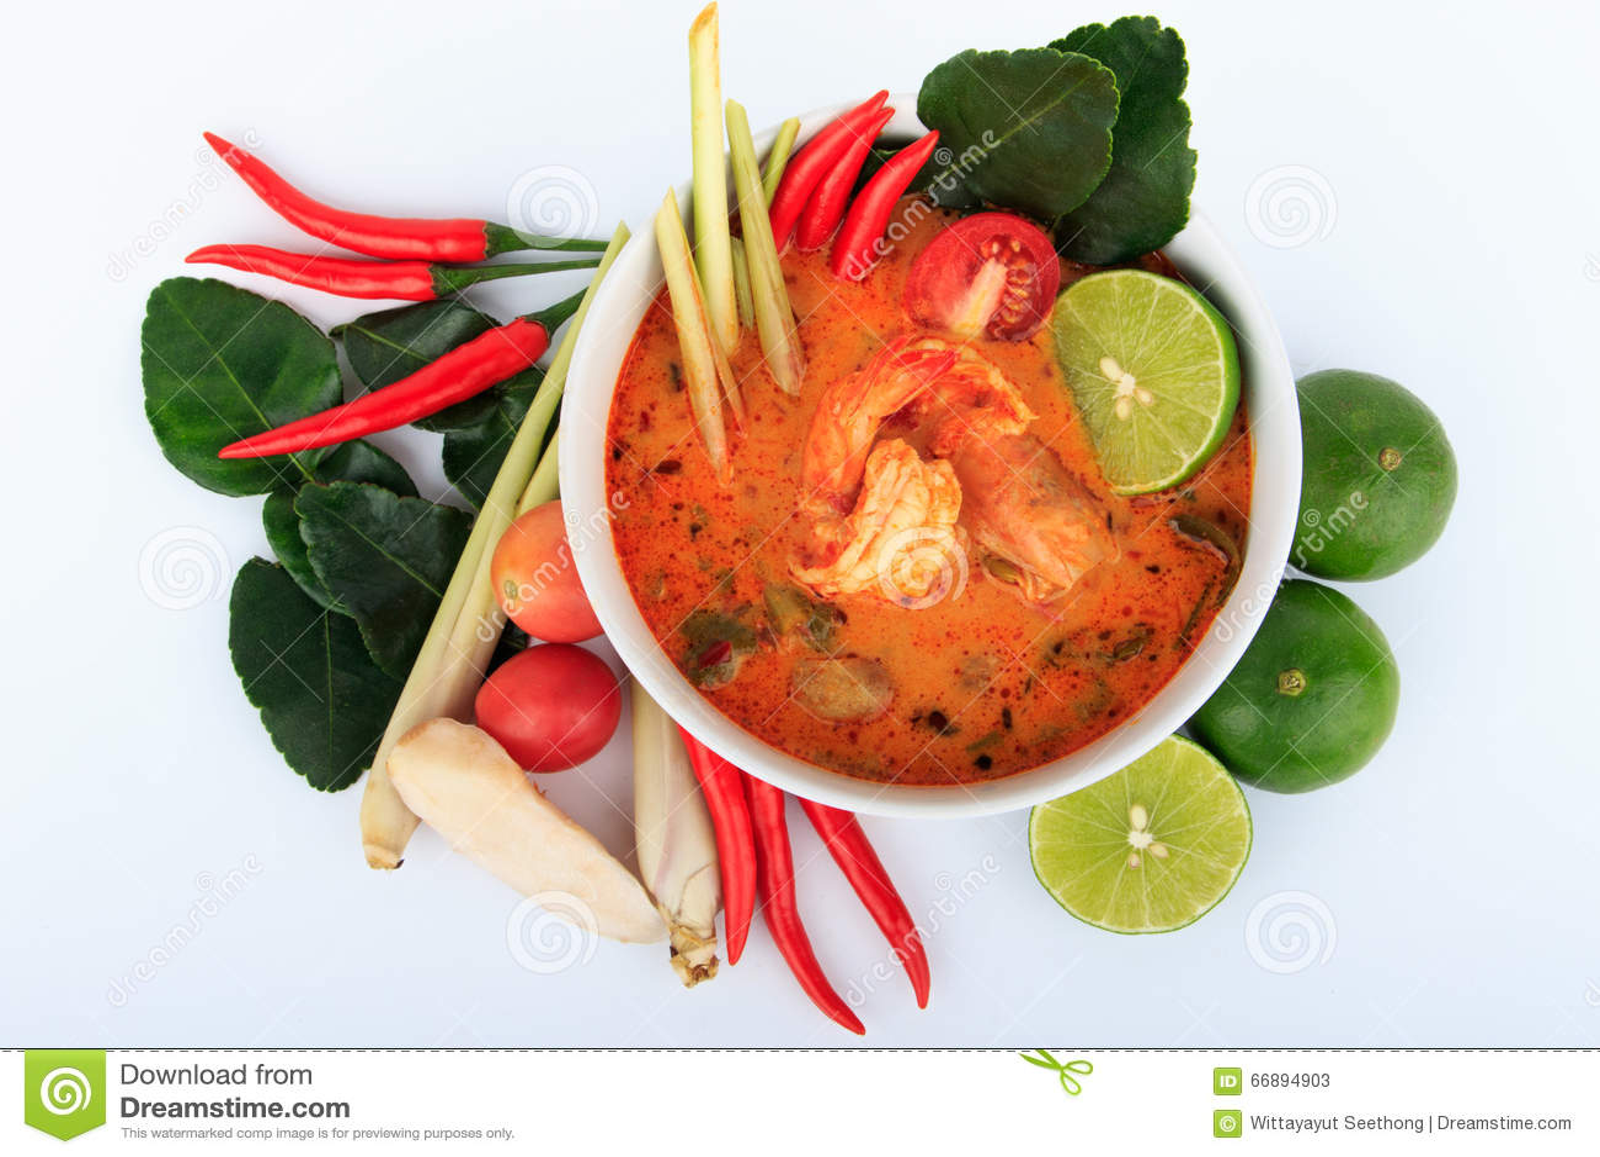 Thailändische Garnelen-Suppe mit Lemongras (Tom Yum Goong) auf weißem Hintergrund